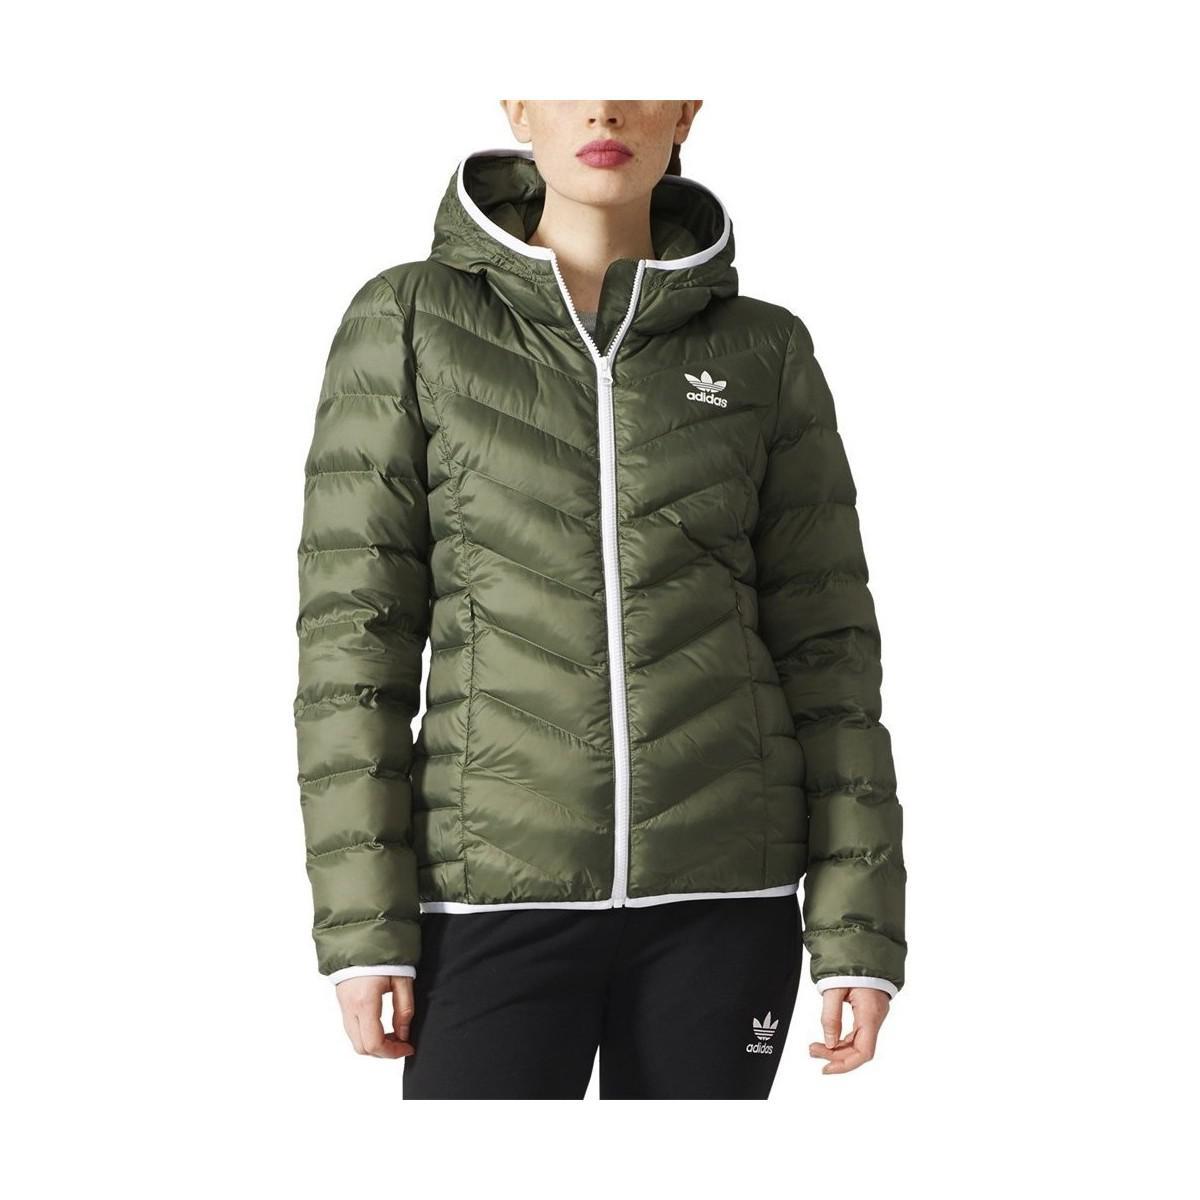 9b86871b998d adidas Originals Originals Slim Women s Jacket In Multicolour in ...